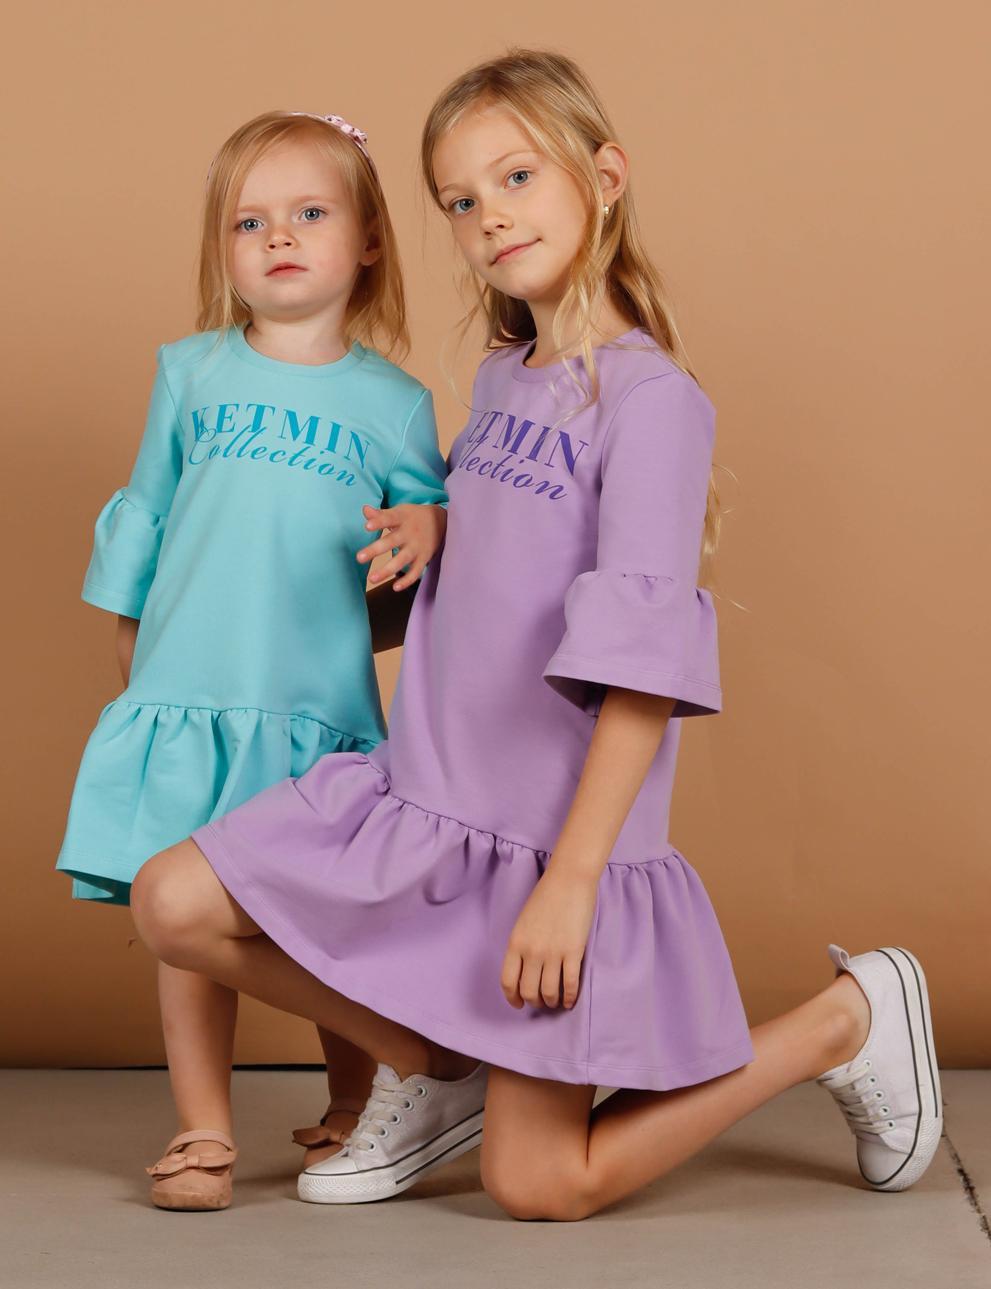 Платье для девочки KETMIN Collection цв.Лаванда